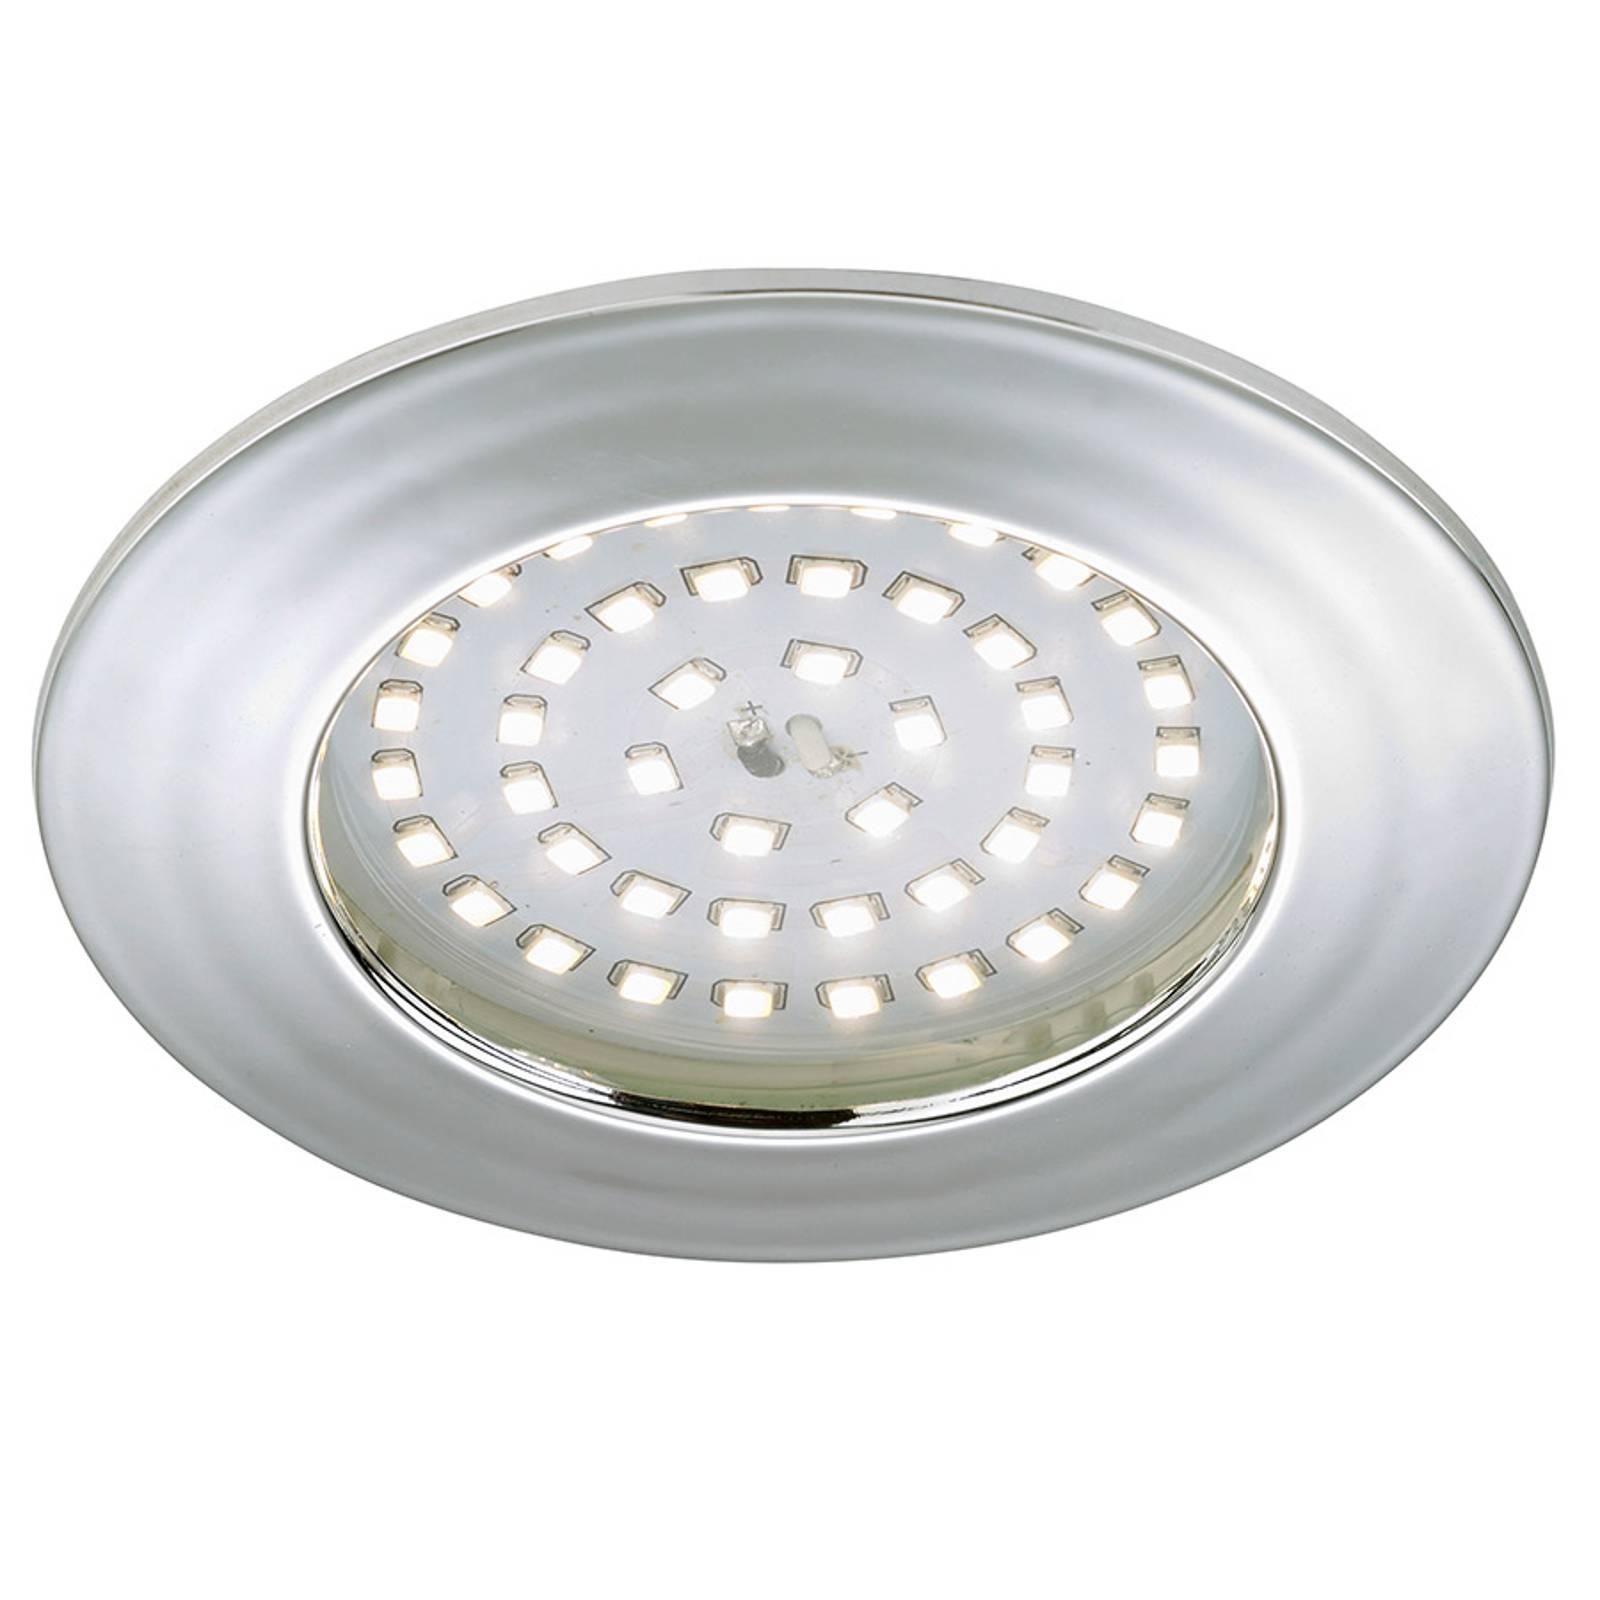 Tehokas Elli-LED-uppovalaisin, alumiini